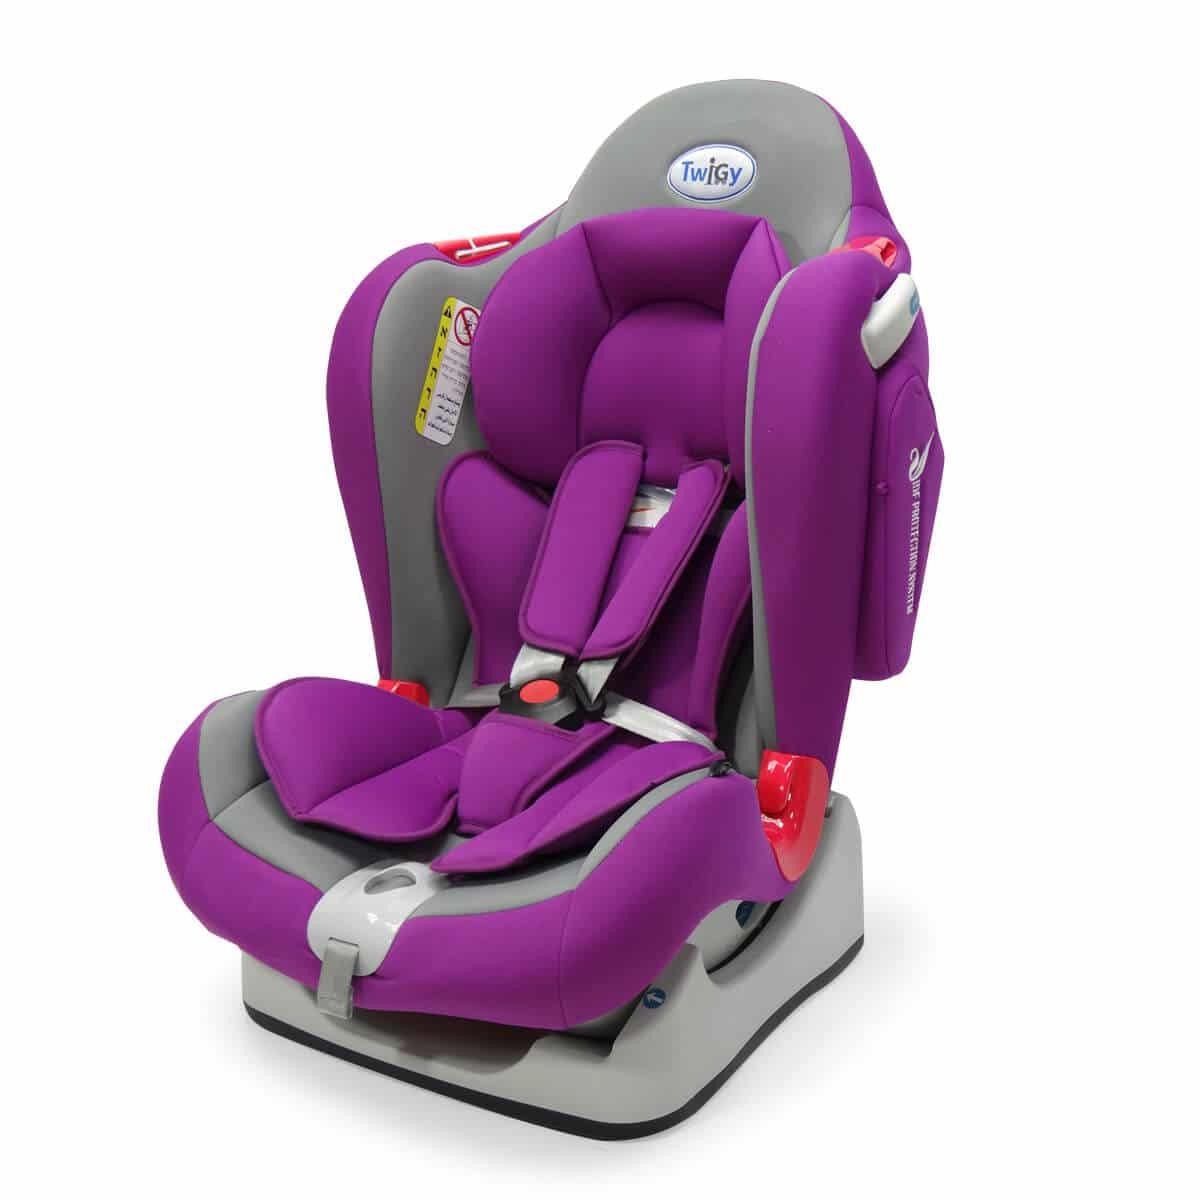 כיסא בטיחות סייפ גארד סגול-אפור טוויגי